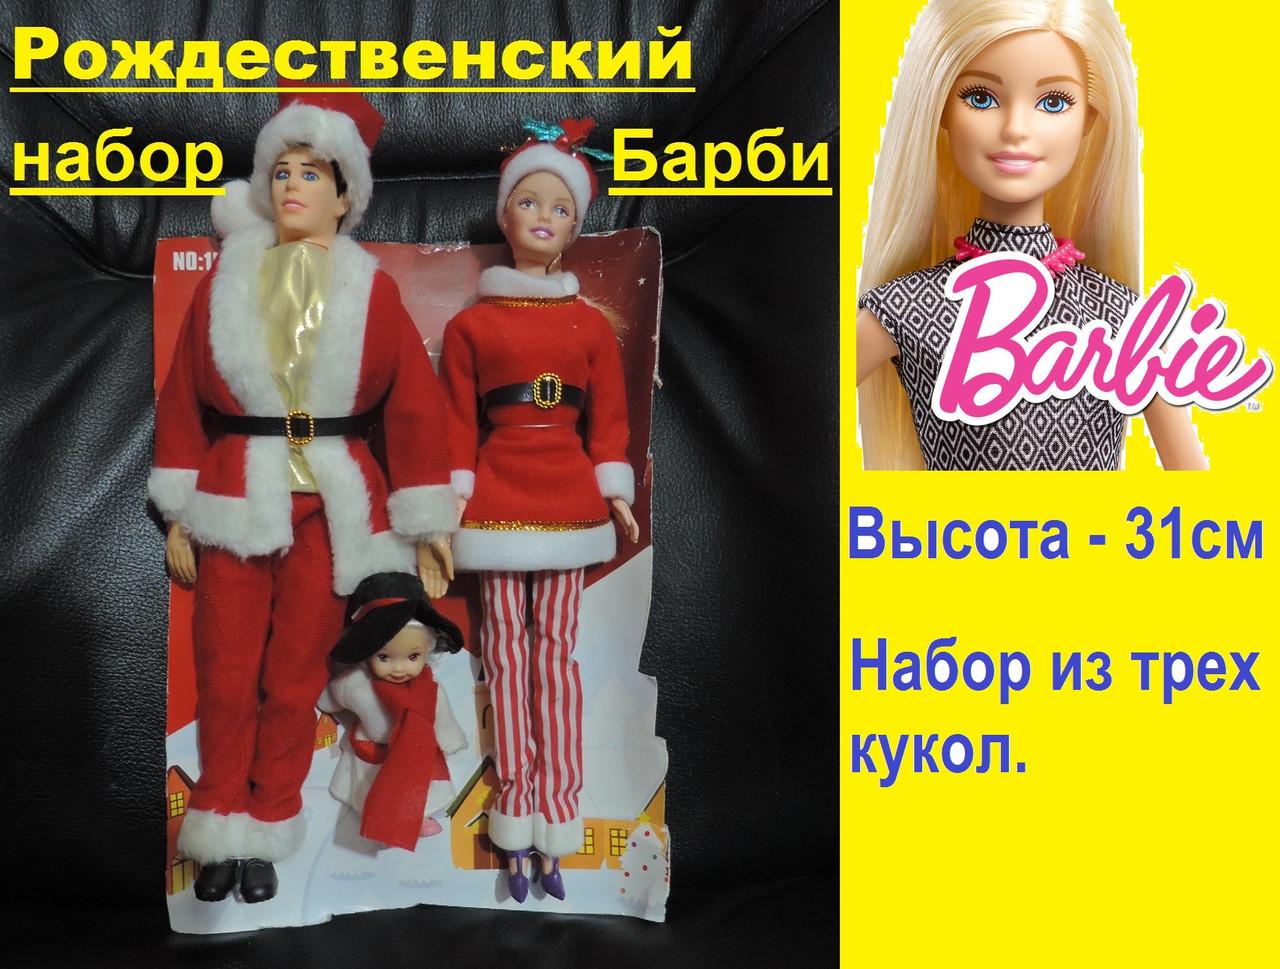 К�кла Ба�би Кен и Келли набо� к�кол новогодний о�